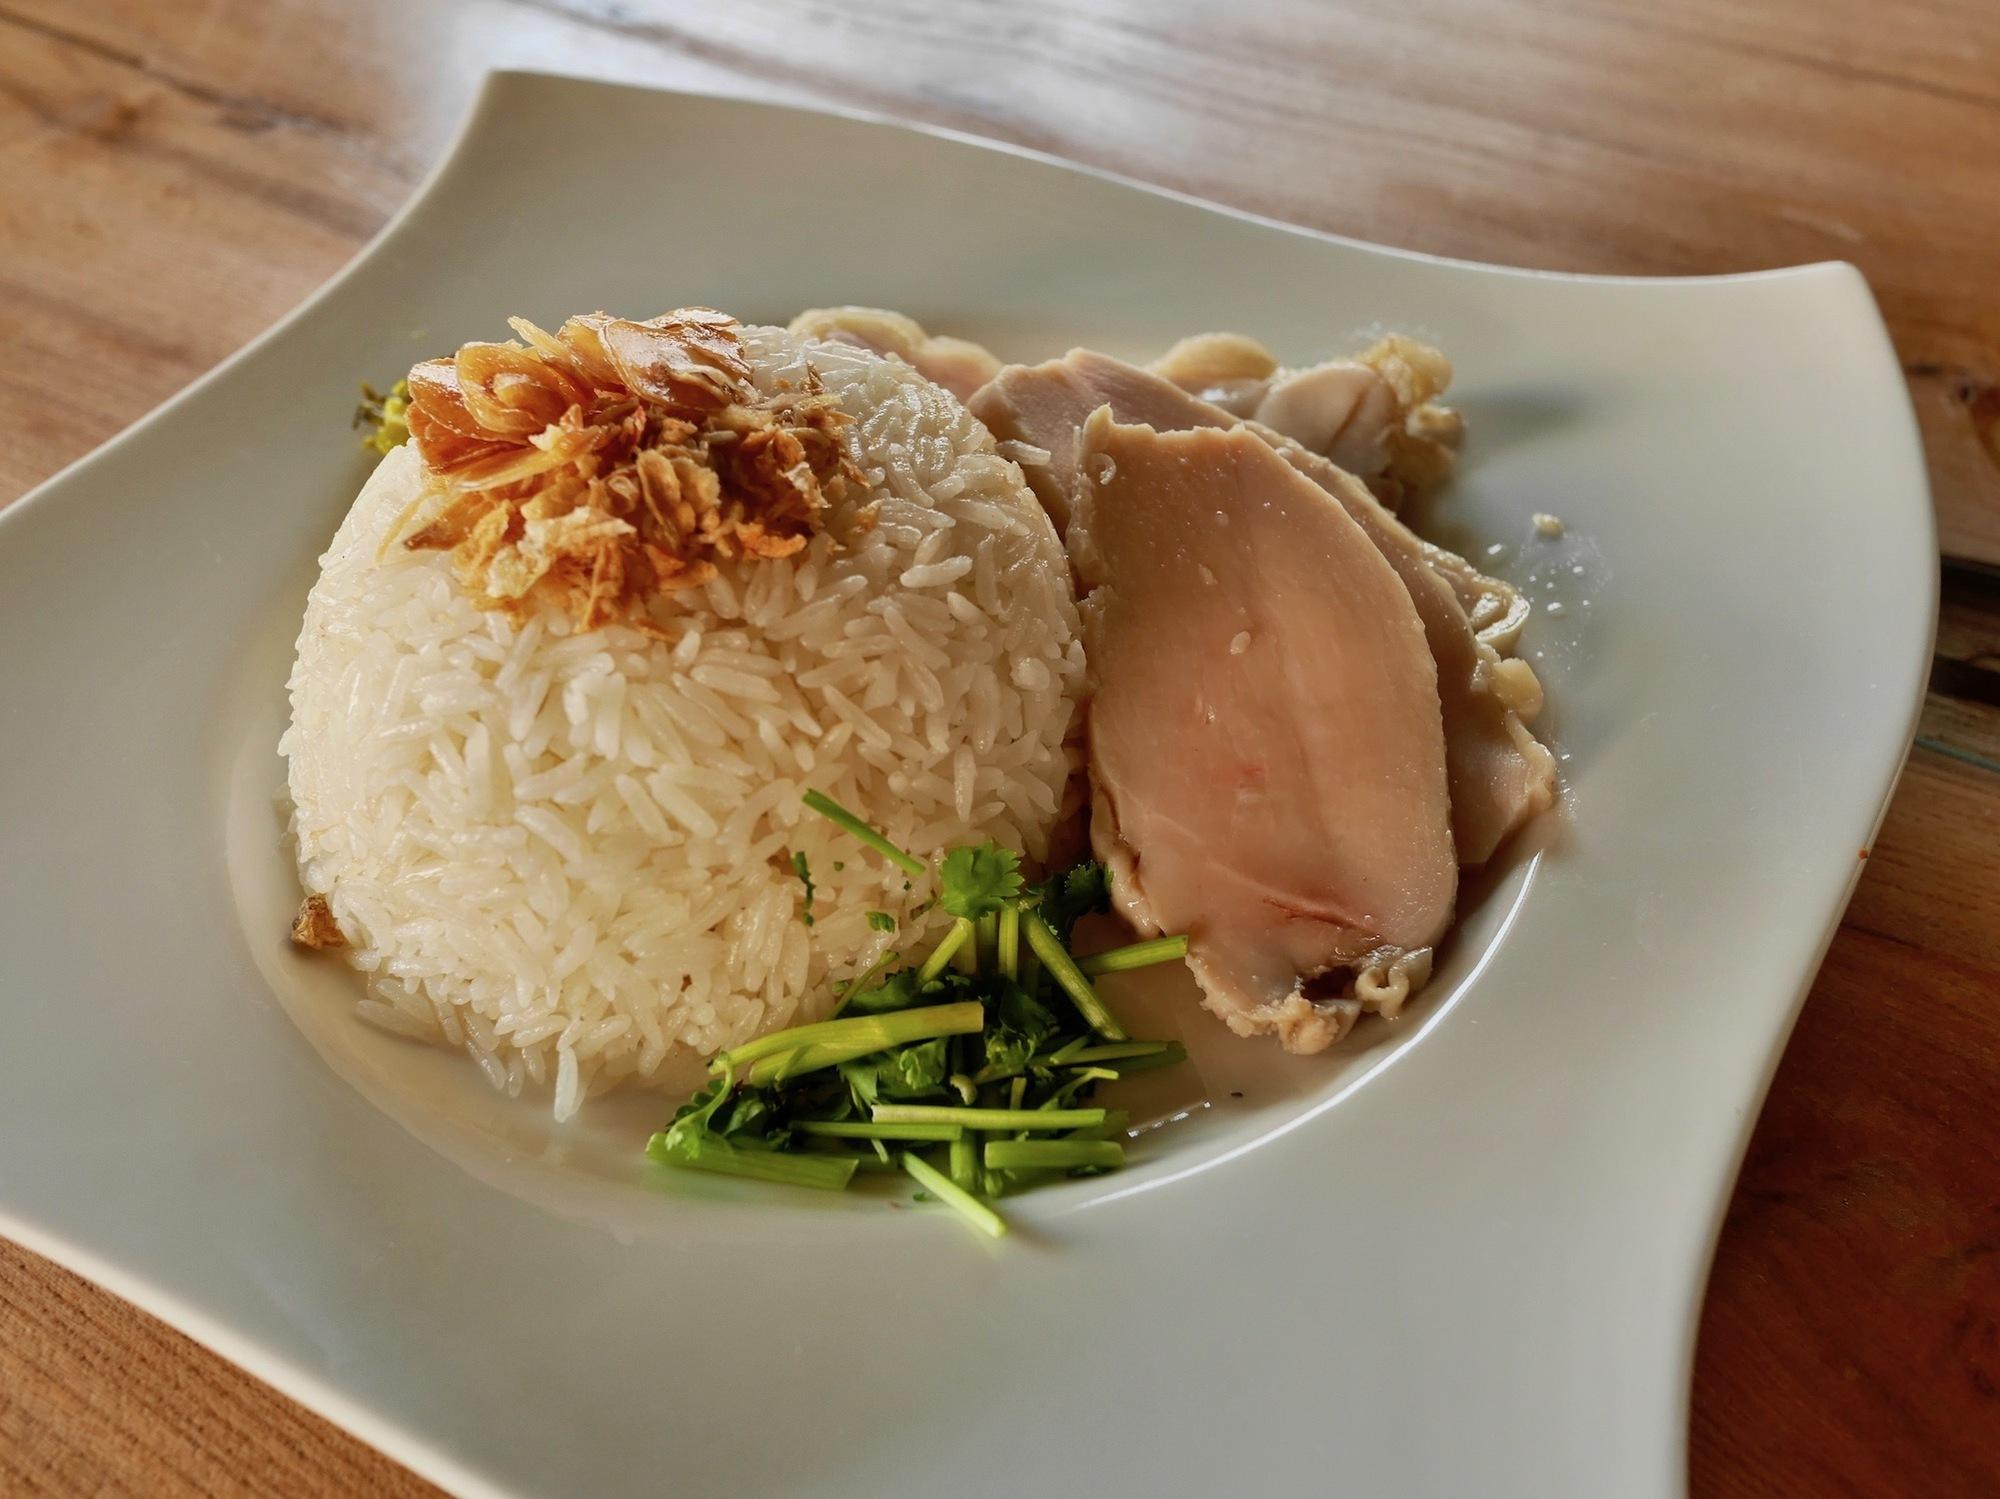 【京都のタイ料理屋】一乗寺ラーメン街道のエスニック料理店「稲穂食堂」で食べた『カオマンガイ』